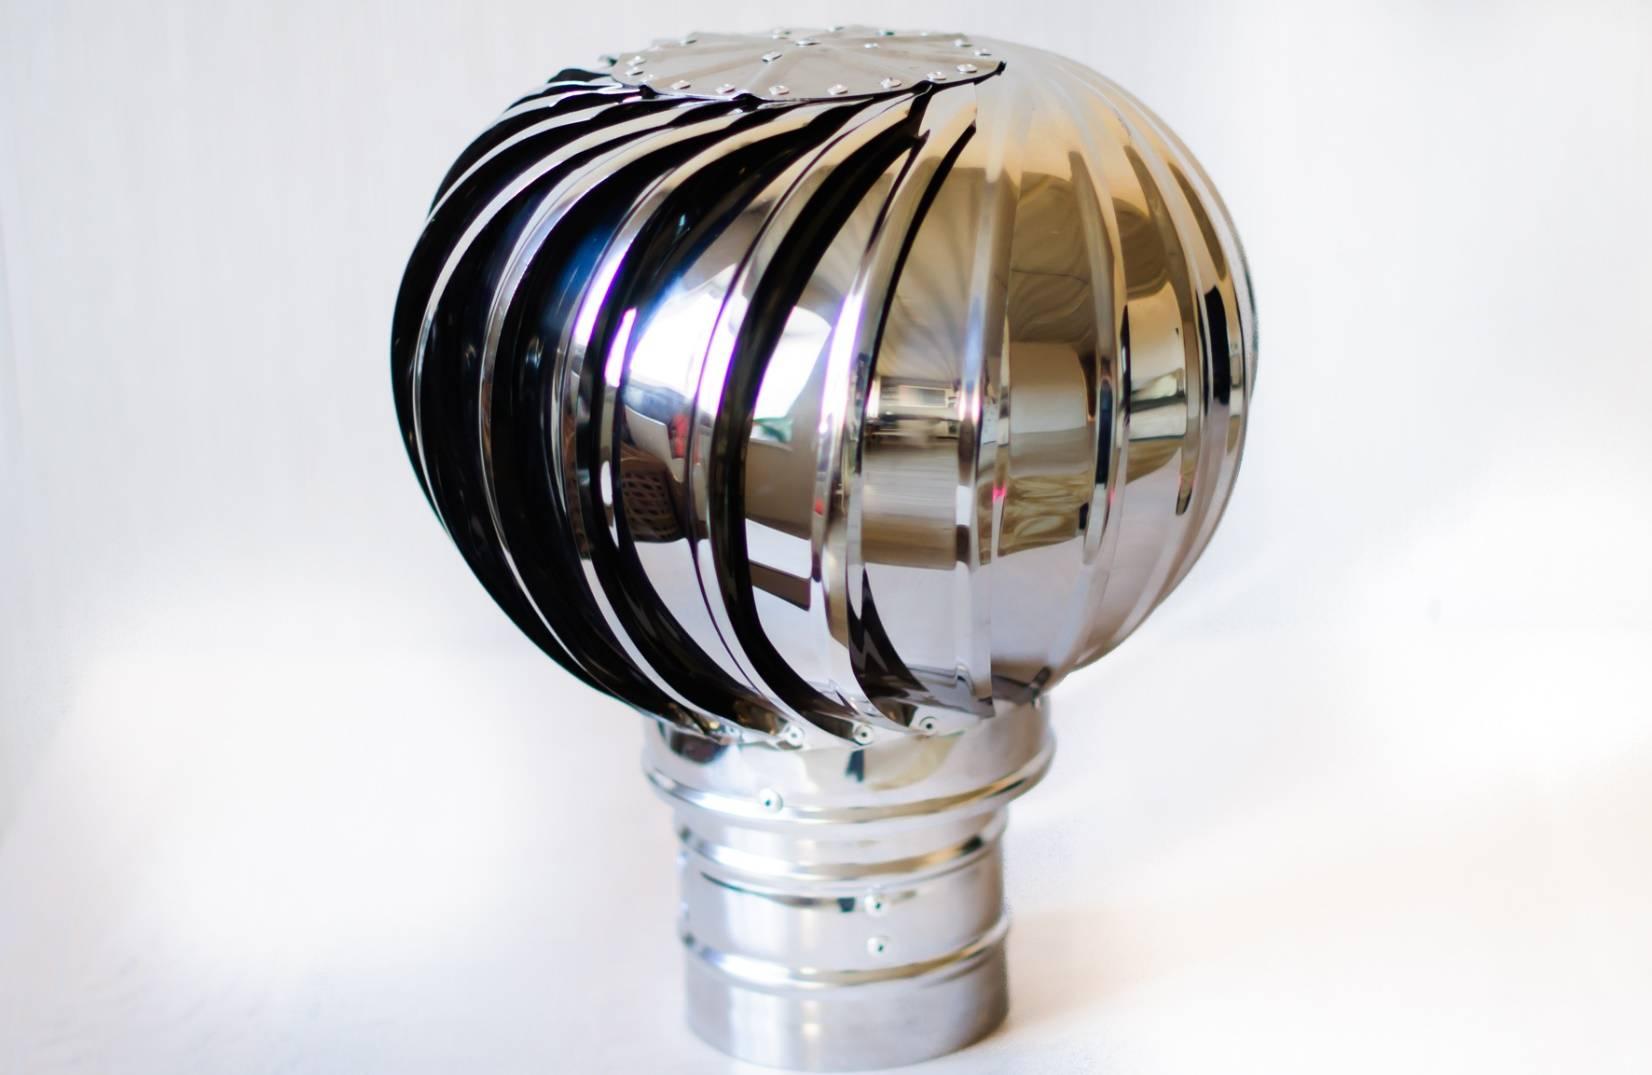 Турбодефлектор для дымохода и вентиляции — рассматриваем тщательно